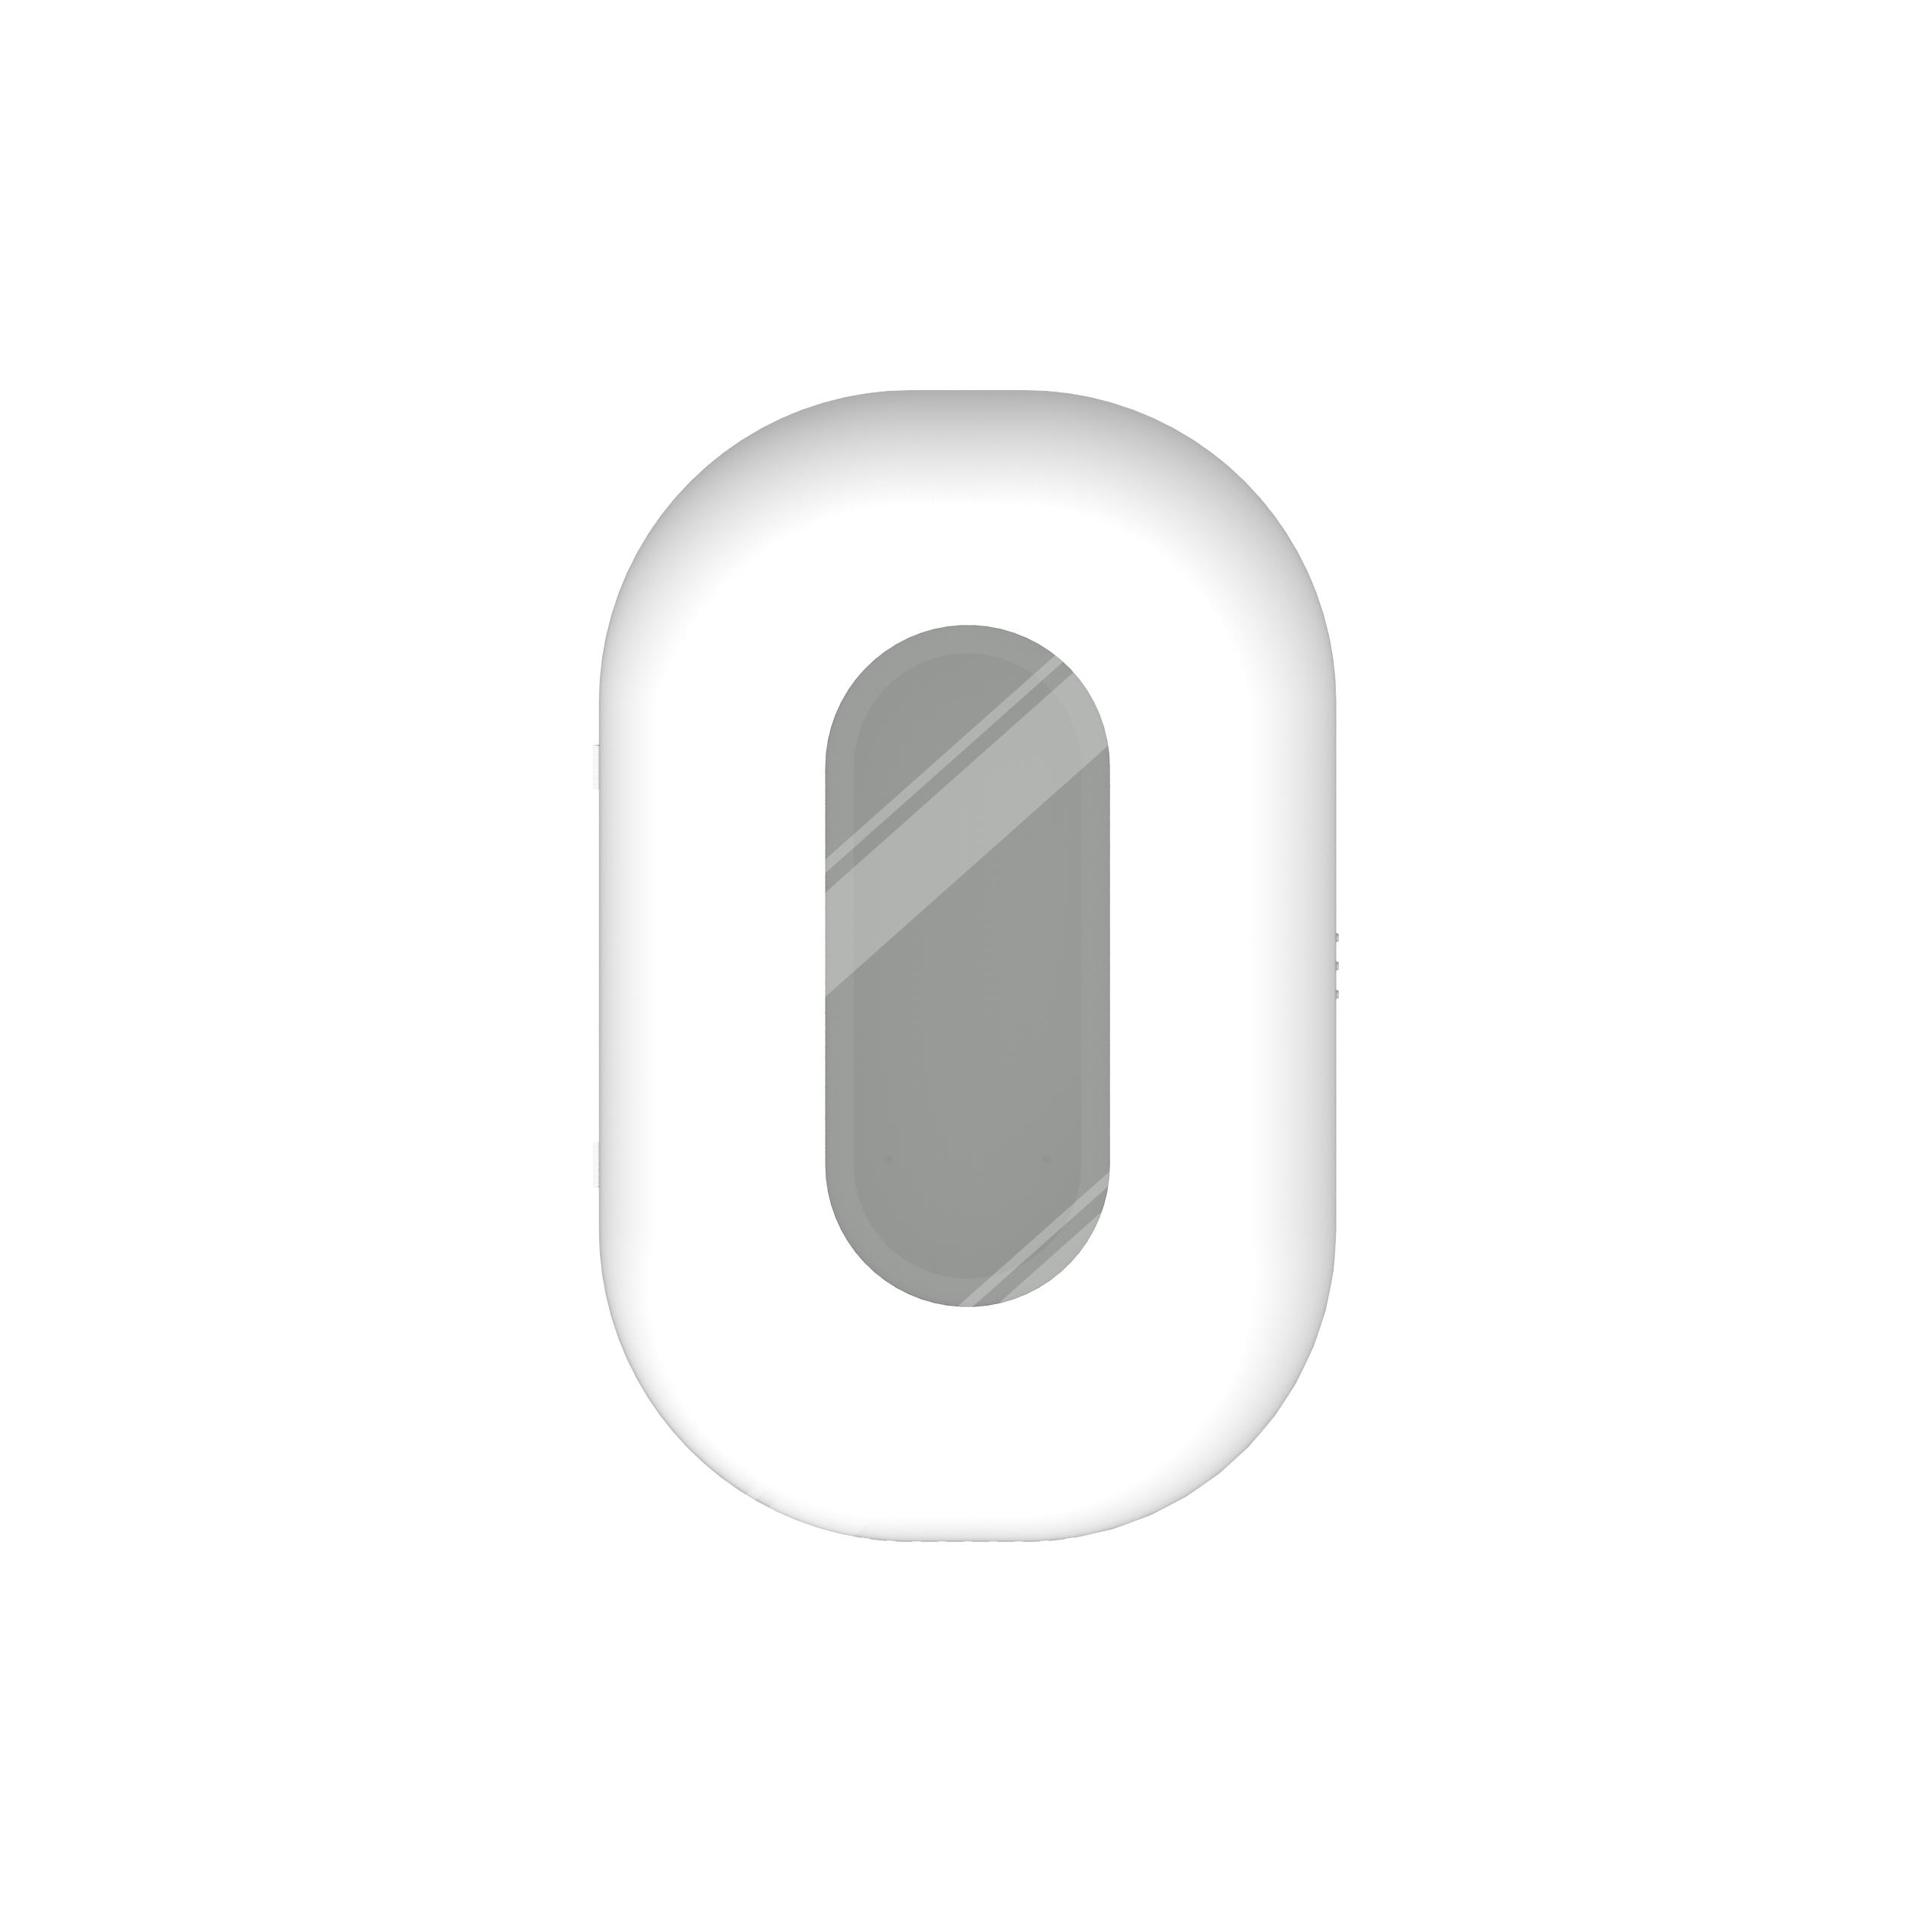 모비스타 쥬니온 닥터캡슐 휴대용 멀티 UV 살균기 (스탠다드)